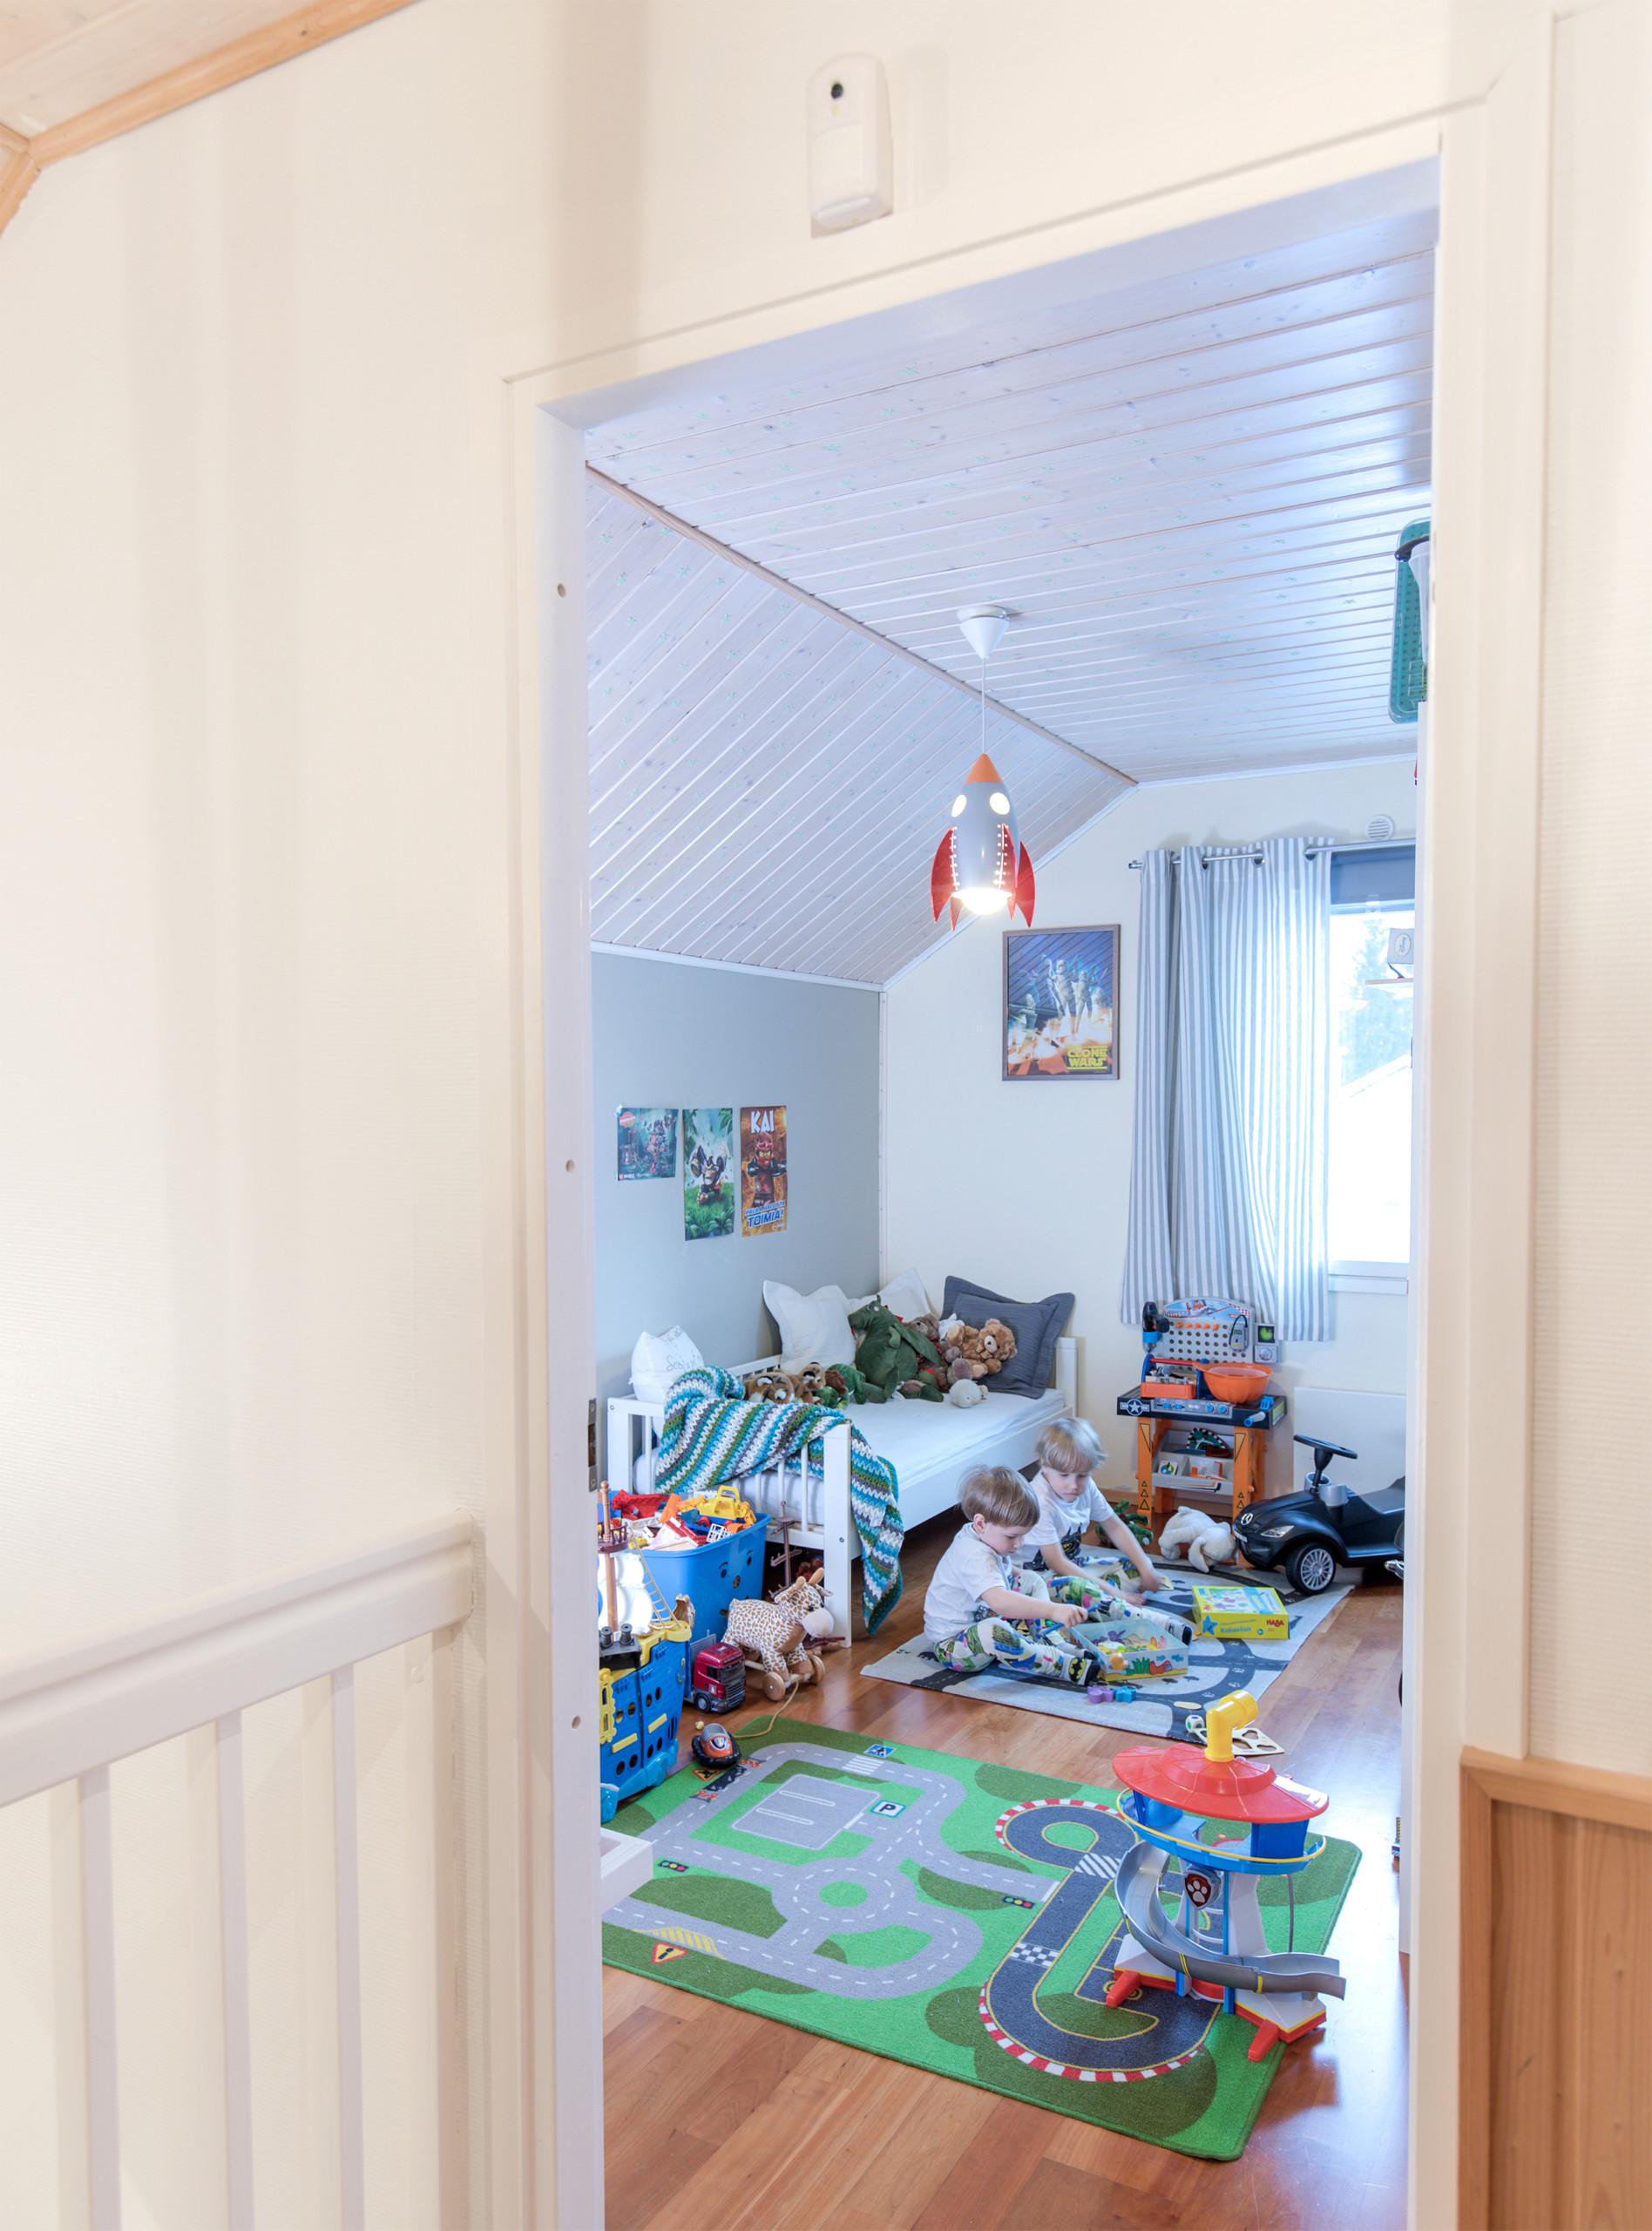 kodin turvallisuus lapsiperheessä